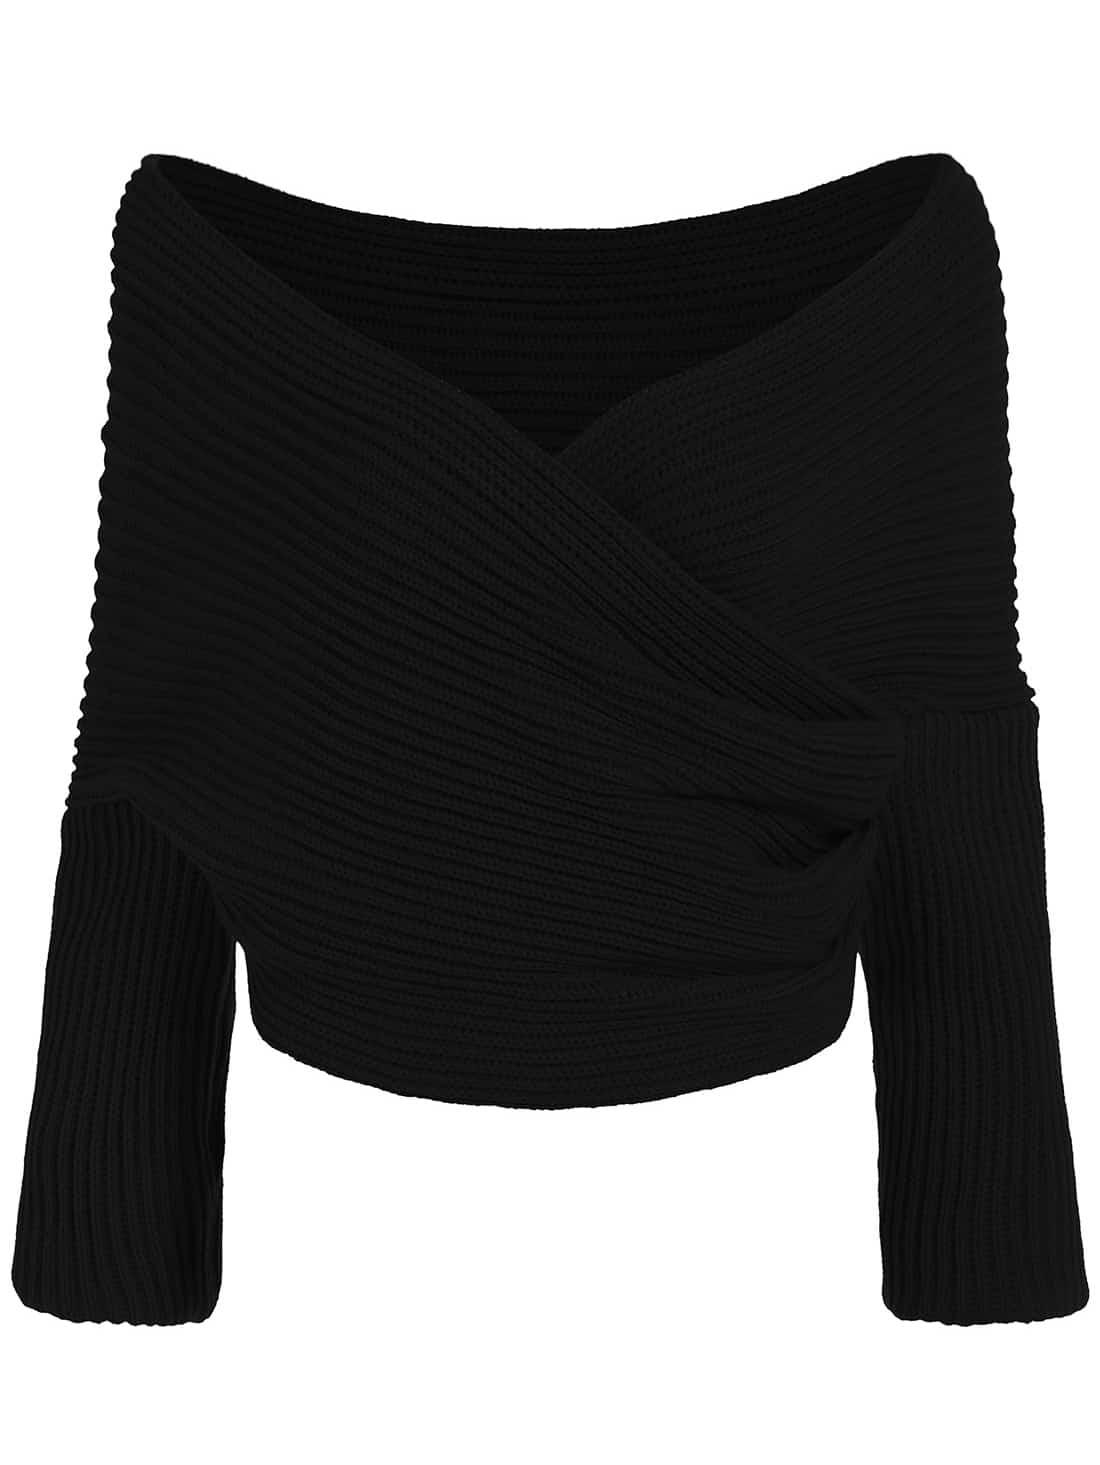 Black Off the Shoulder Crop Knit Sweater